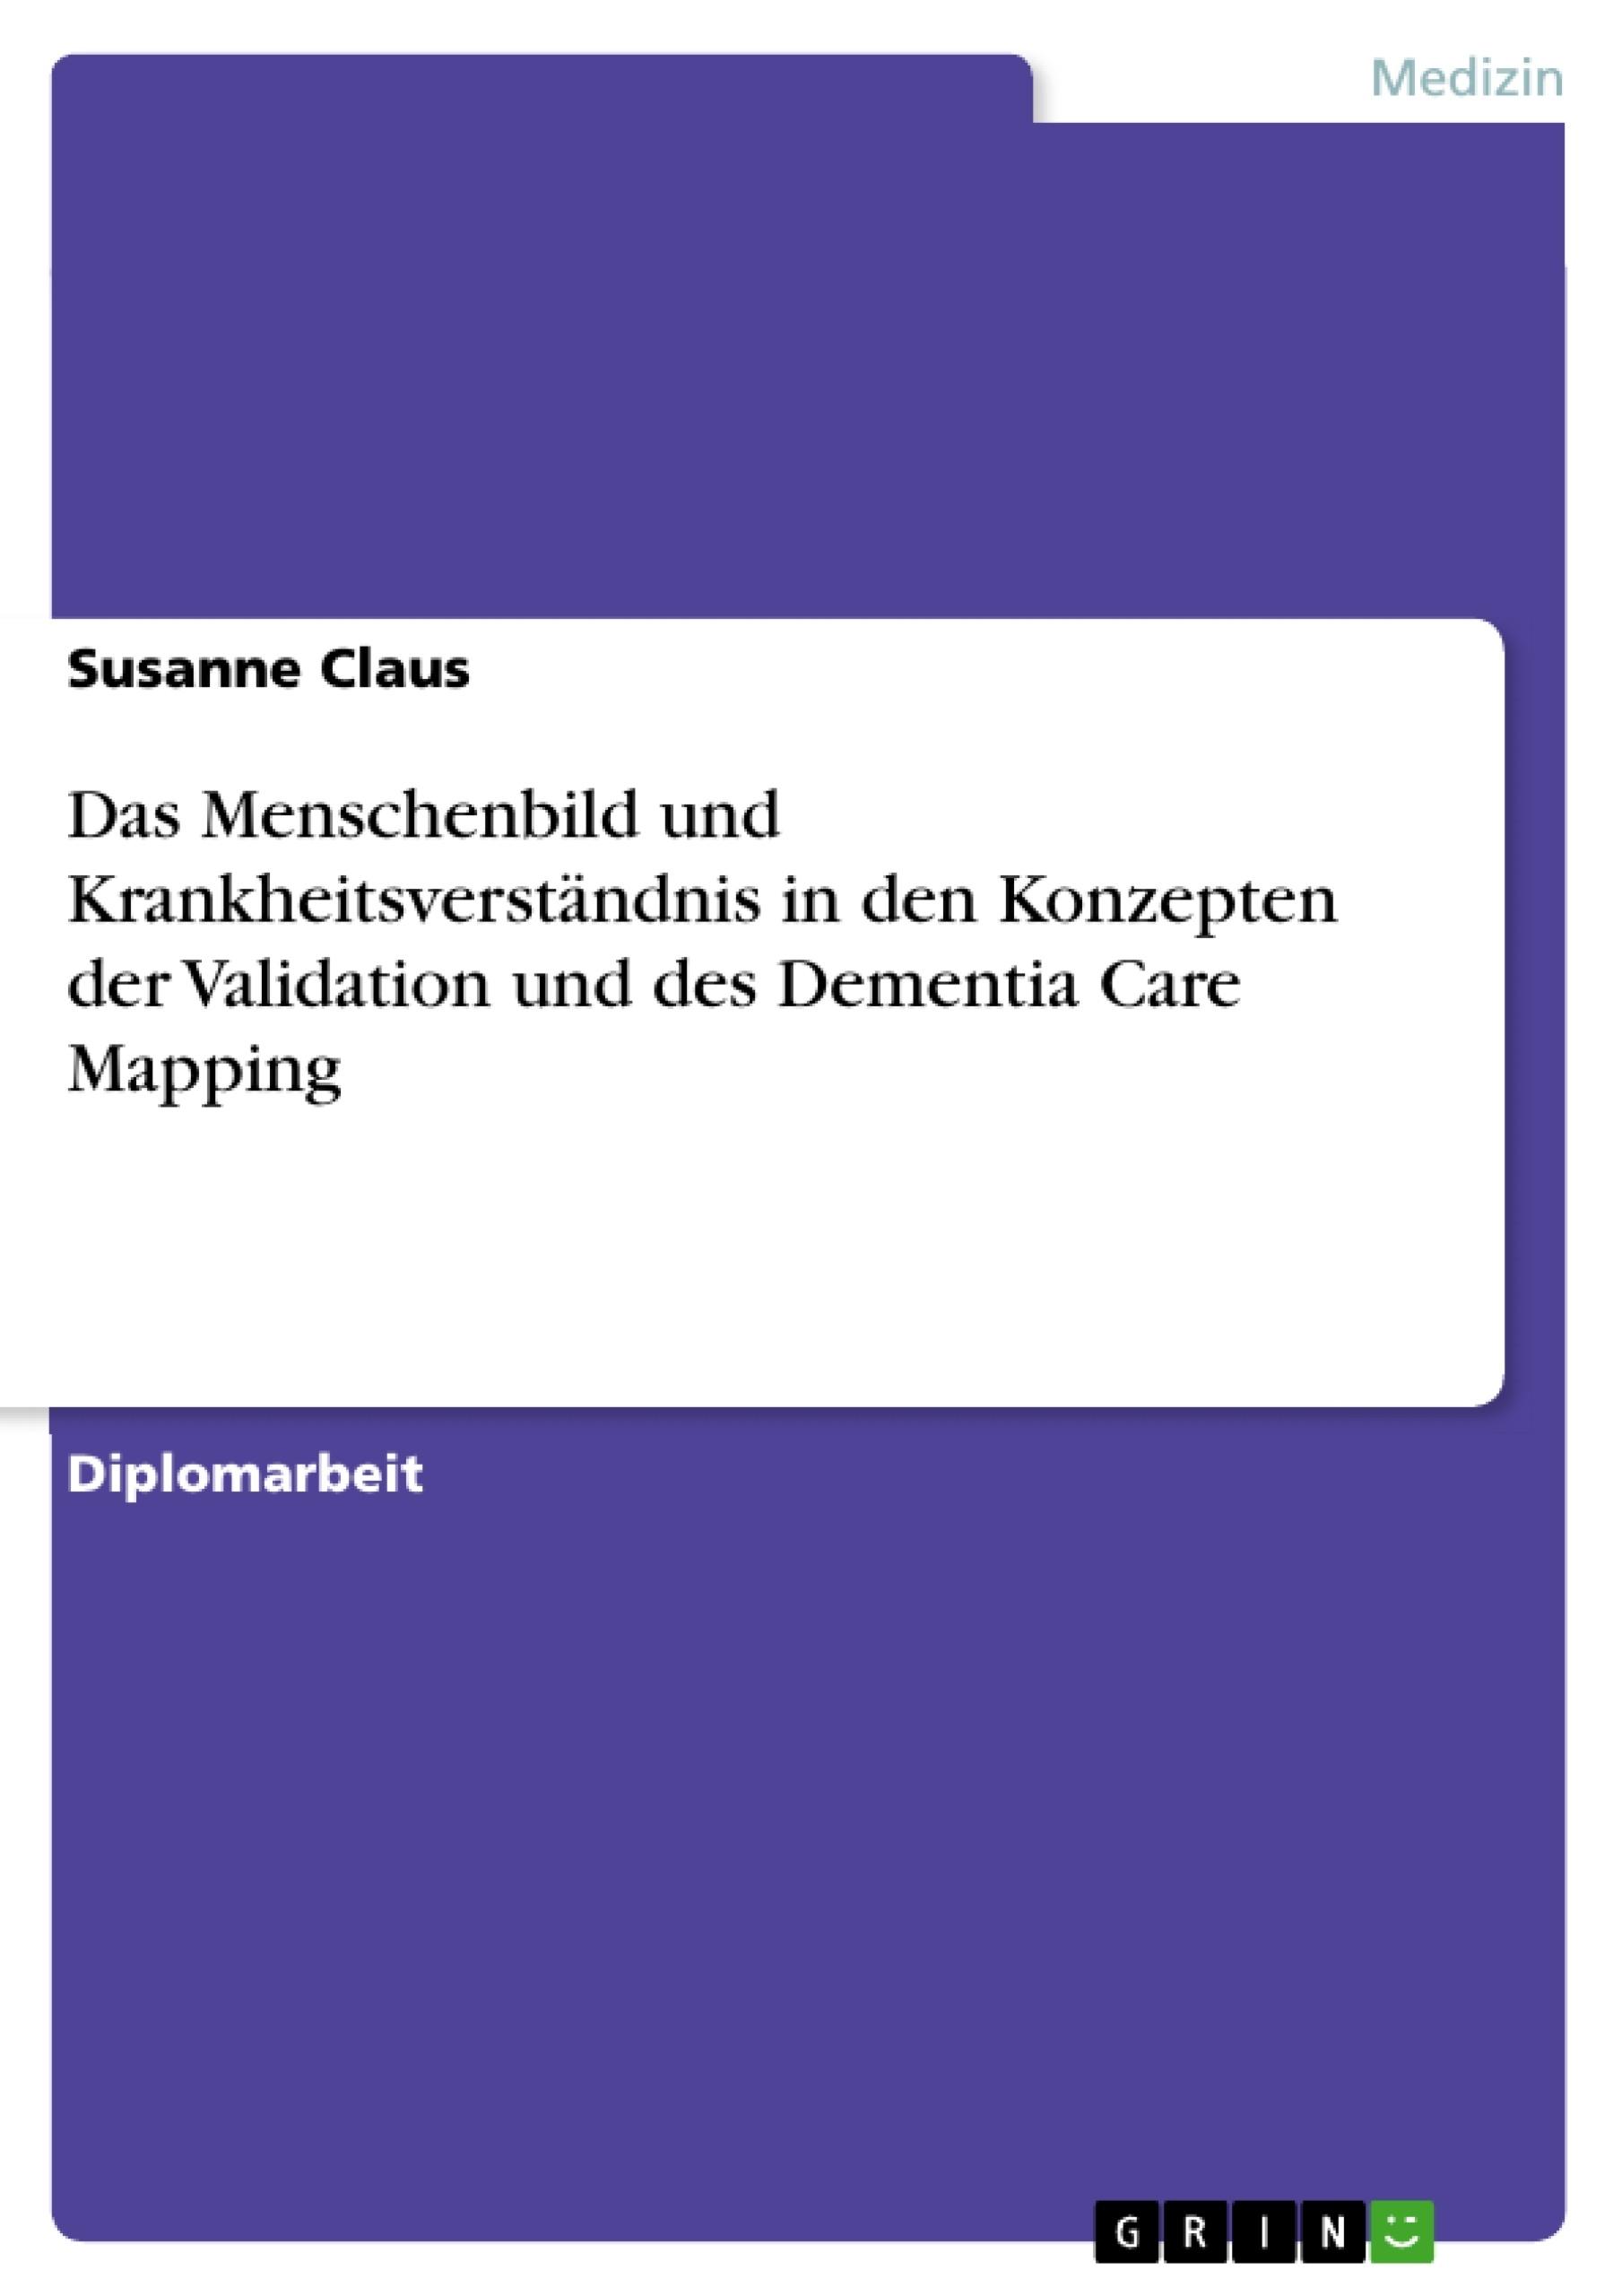 Titel: Das Menschenbild und Krankheitsverständnis in den Konzepten der Validation und des Dementia Care Mapping